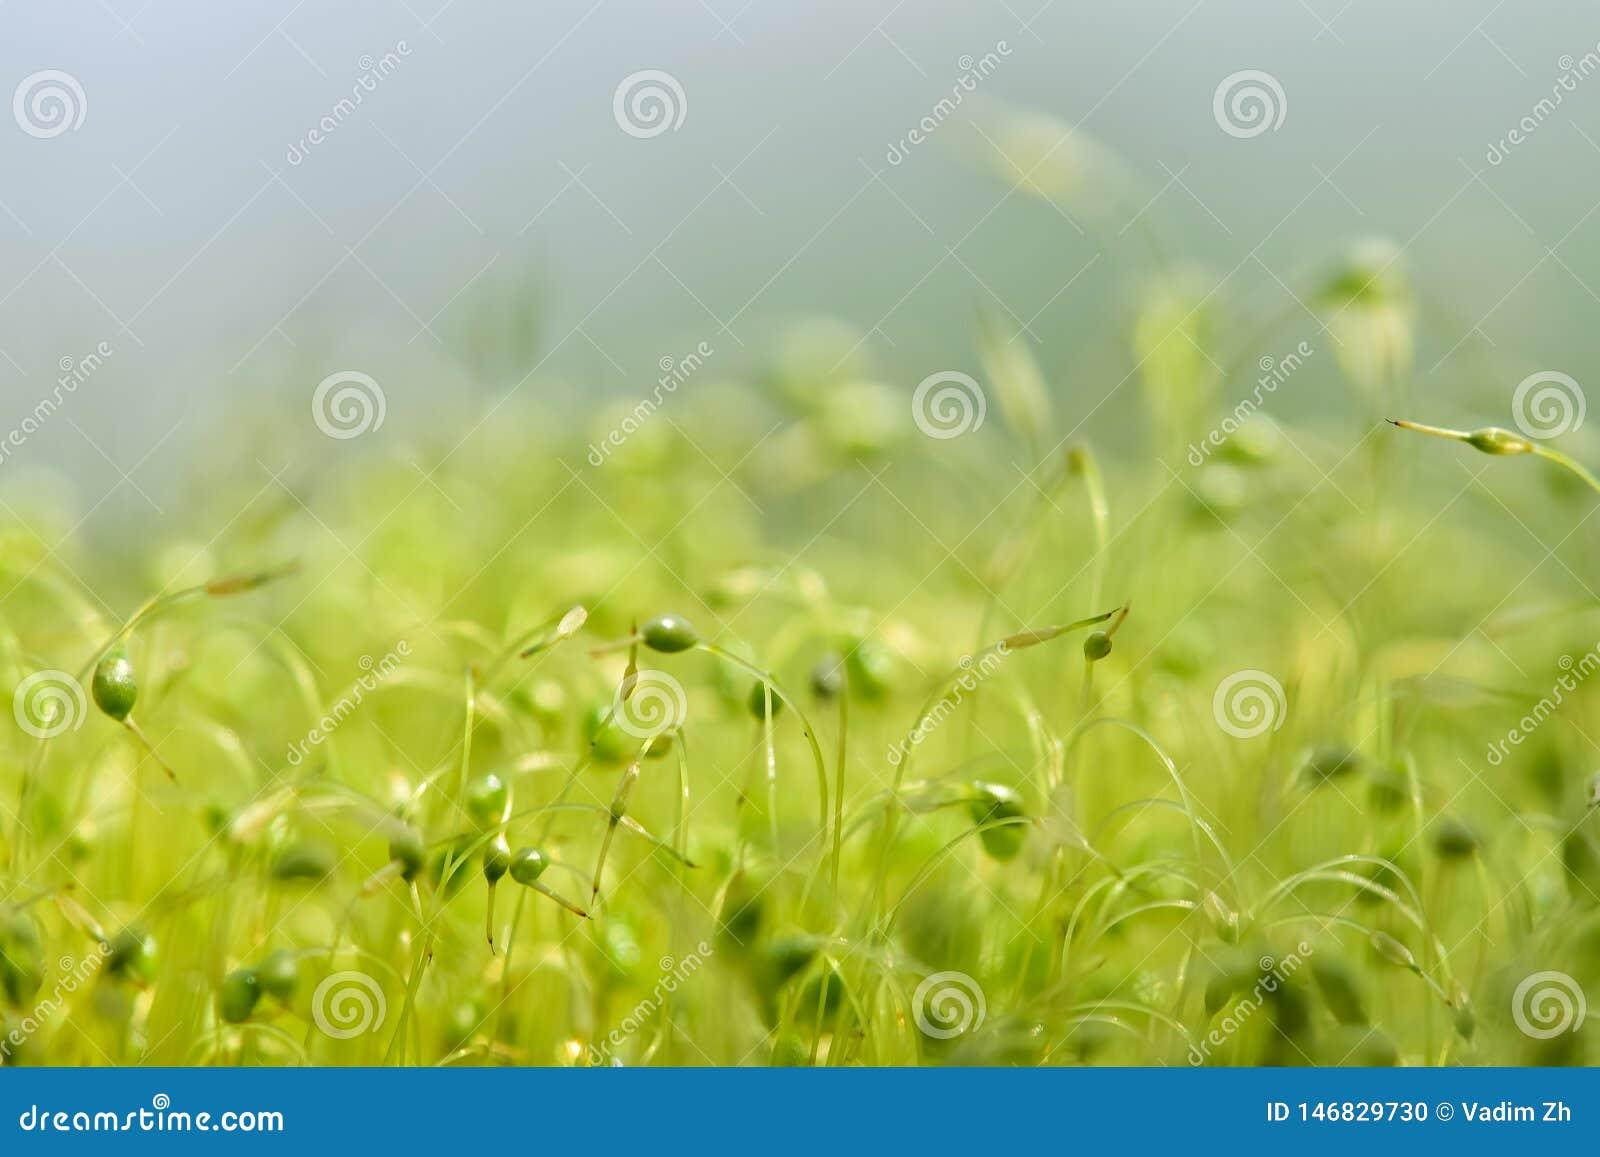 Miękka część skupiająca się w górę strzału zieleni mech ziarna z bokeh, zamazany jaśnienia światło